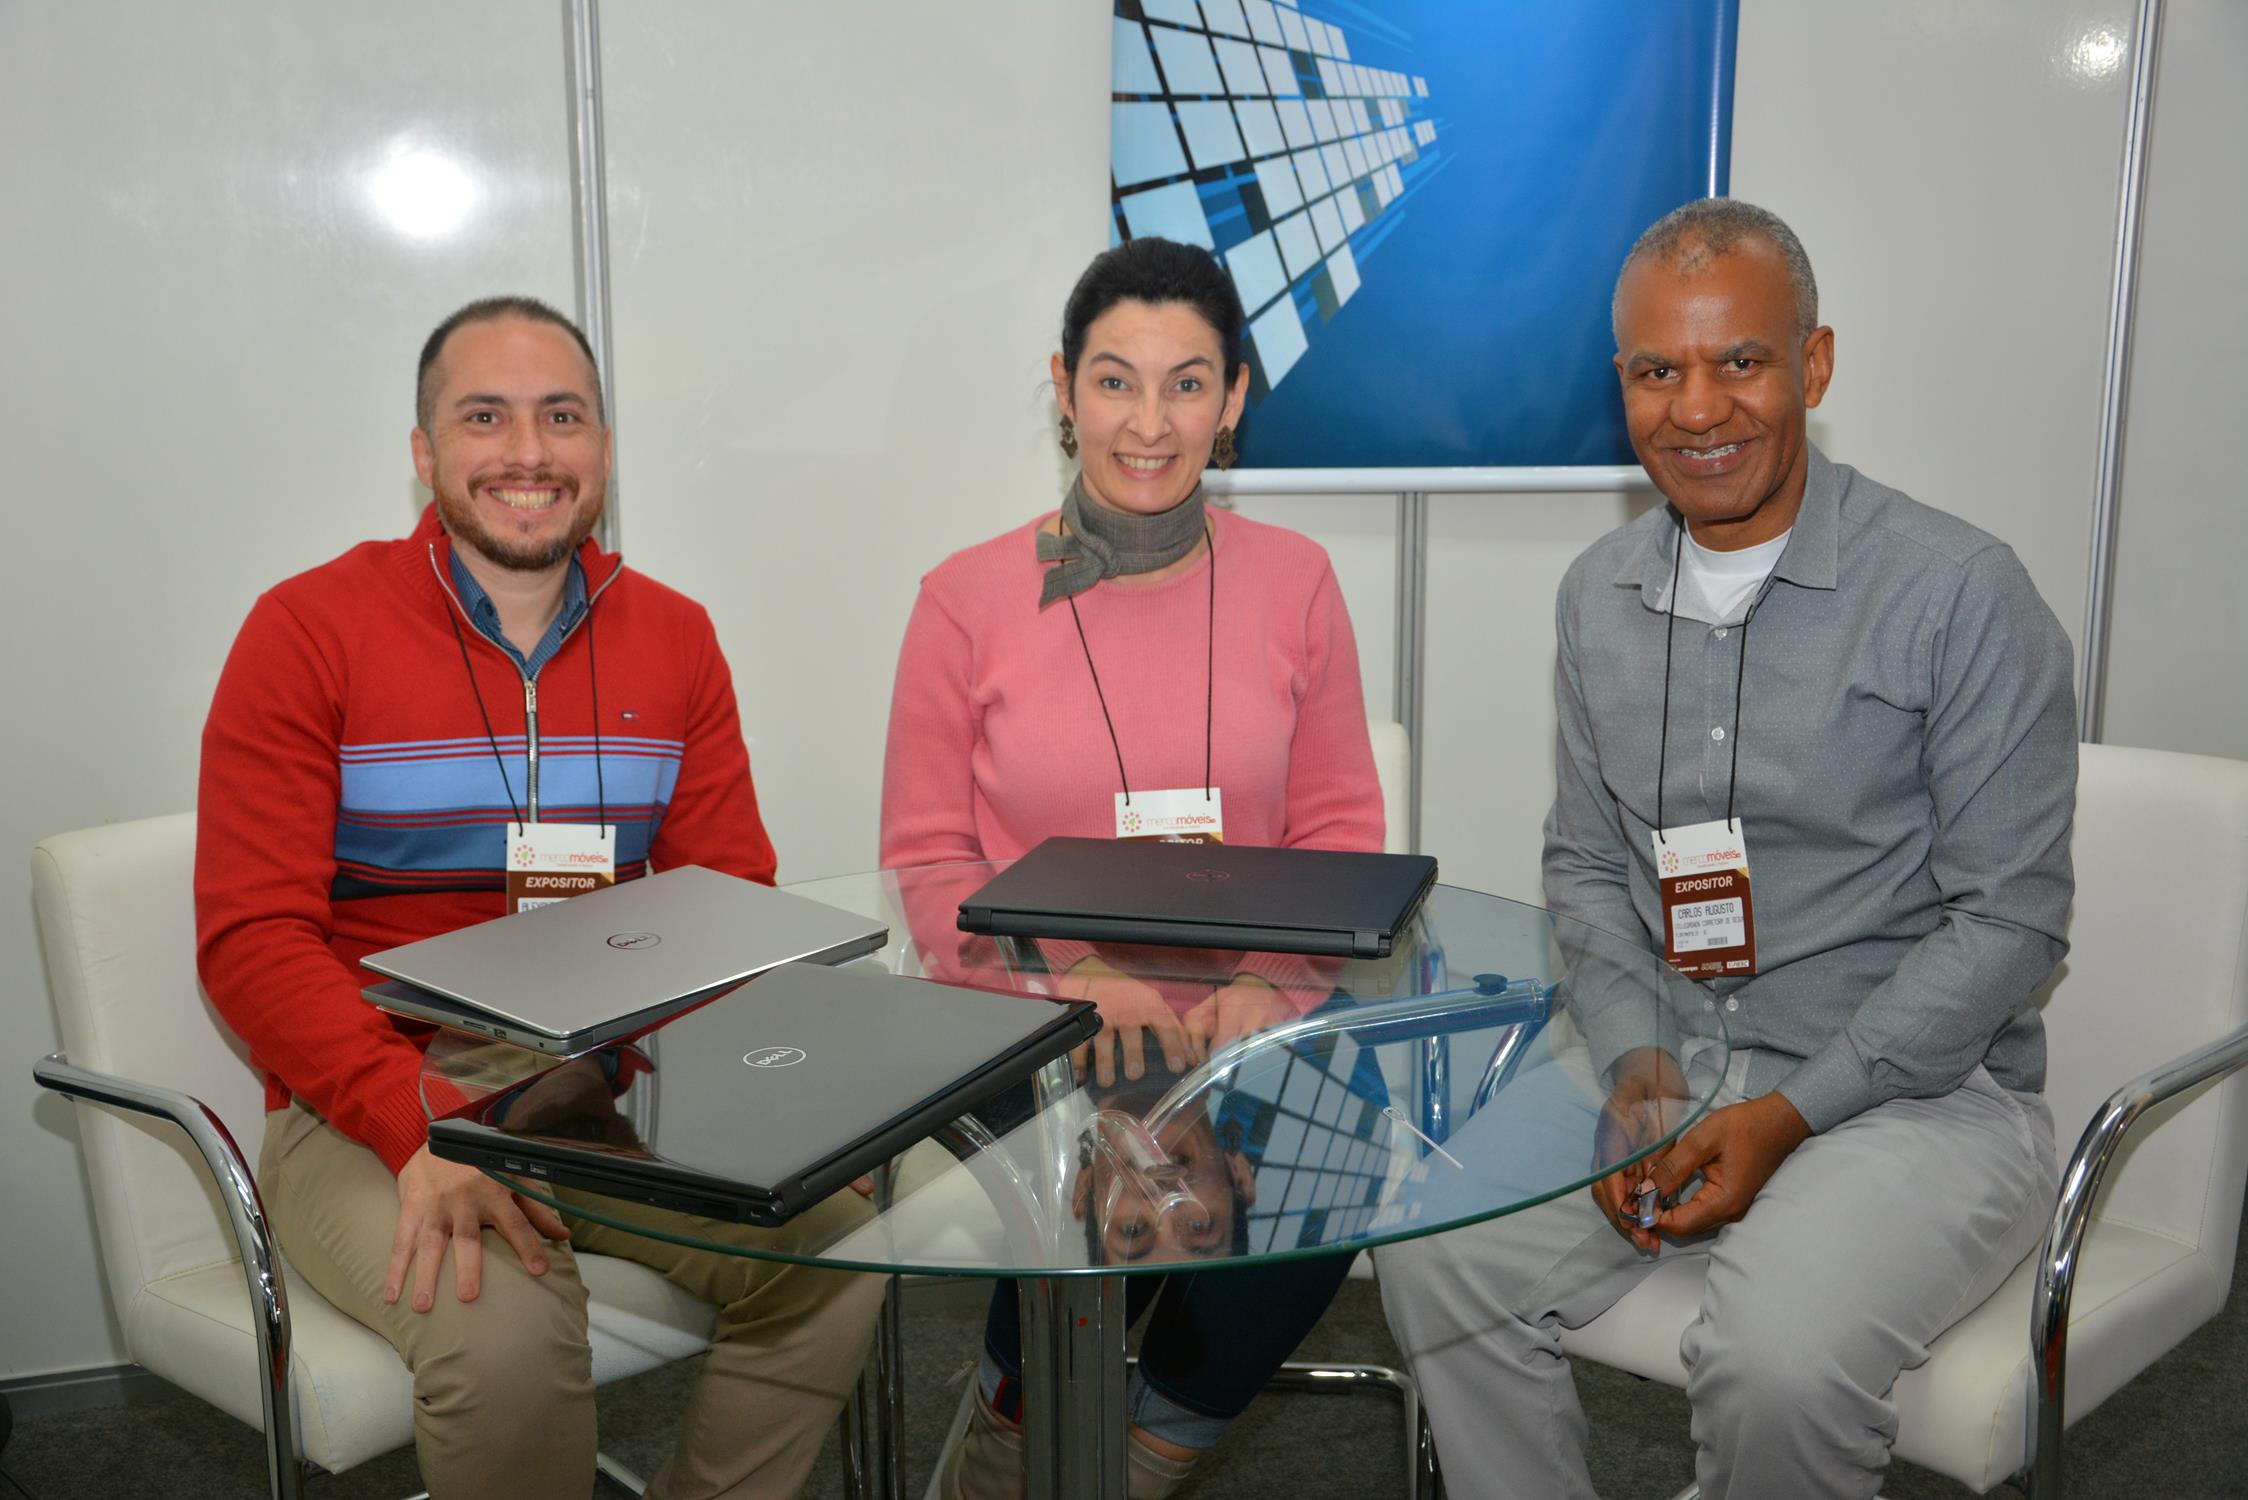 Alexandre Pass (Cesce Brasil), Cleide Perin (Corretora Villegagnon) e Carlos Augusto Silva (Corretora Villegagnon)